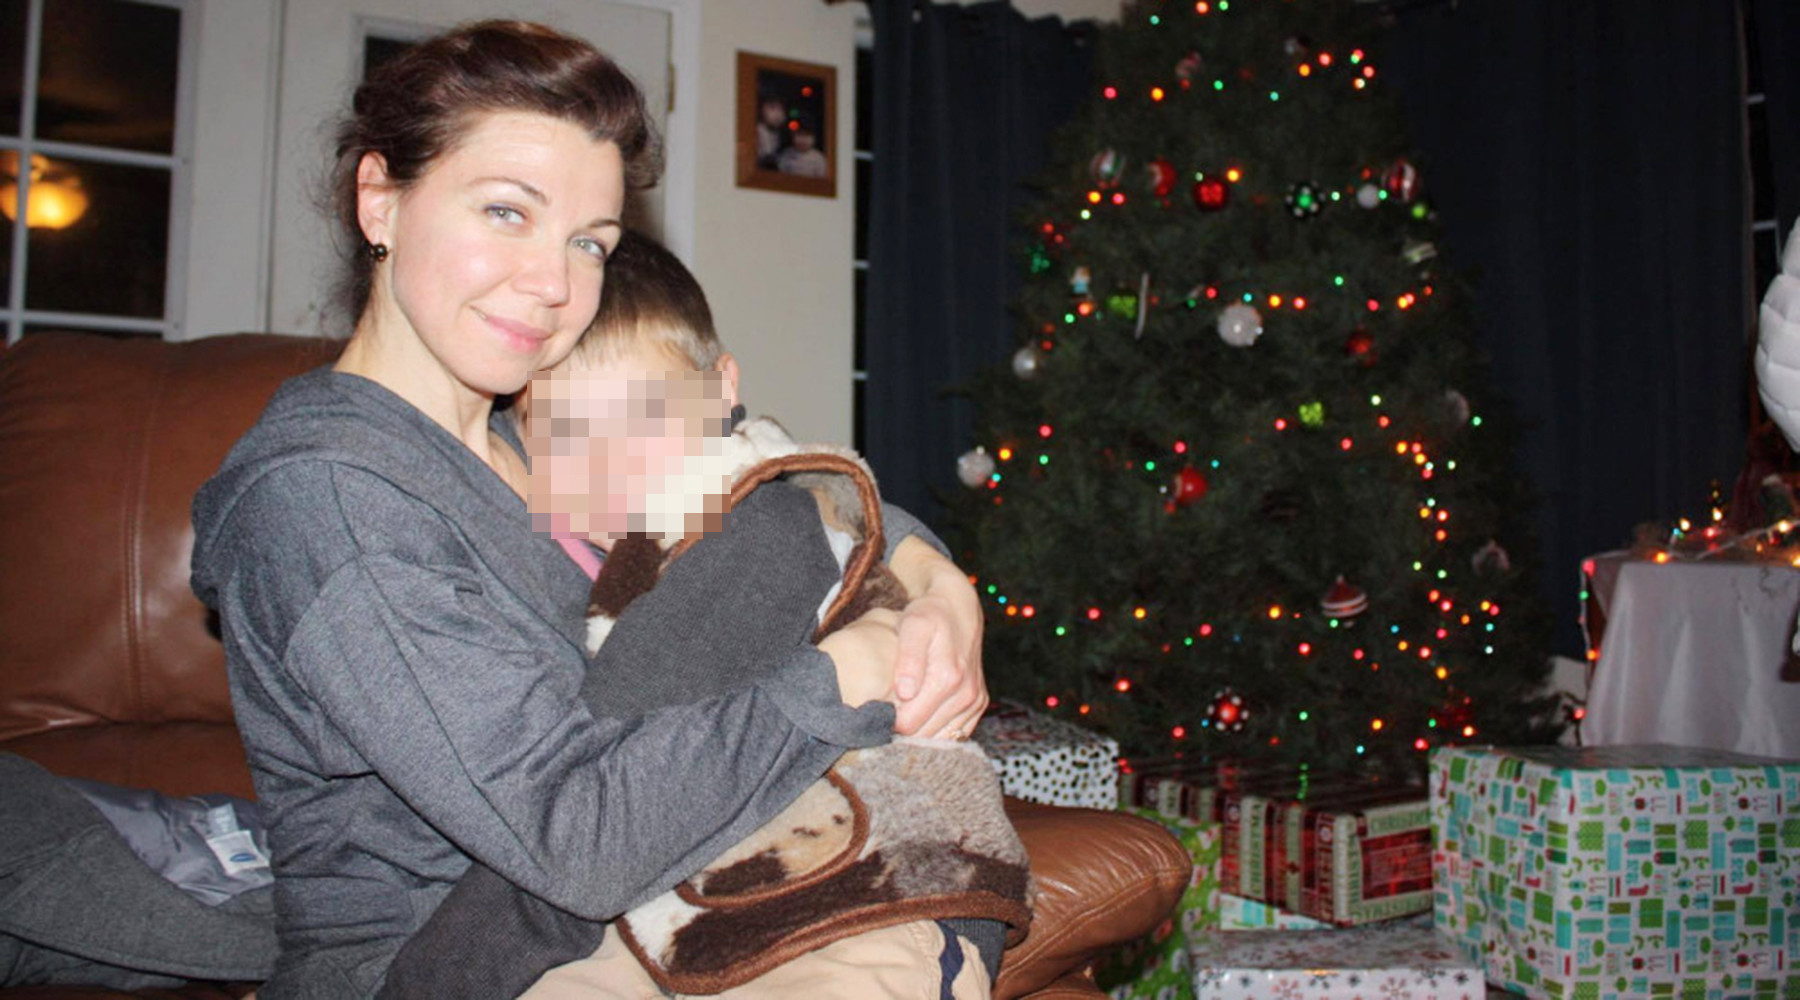 США не пускают родственников к оставшемуся без родителей Даниэлю Морозову